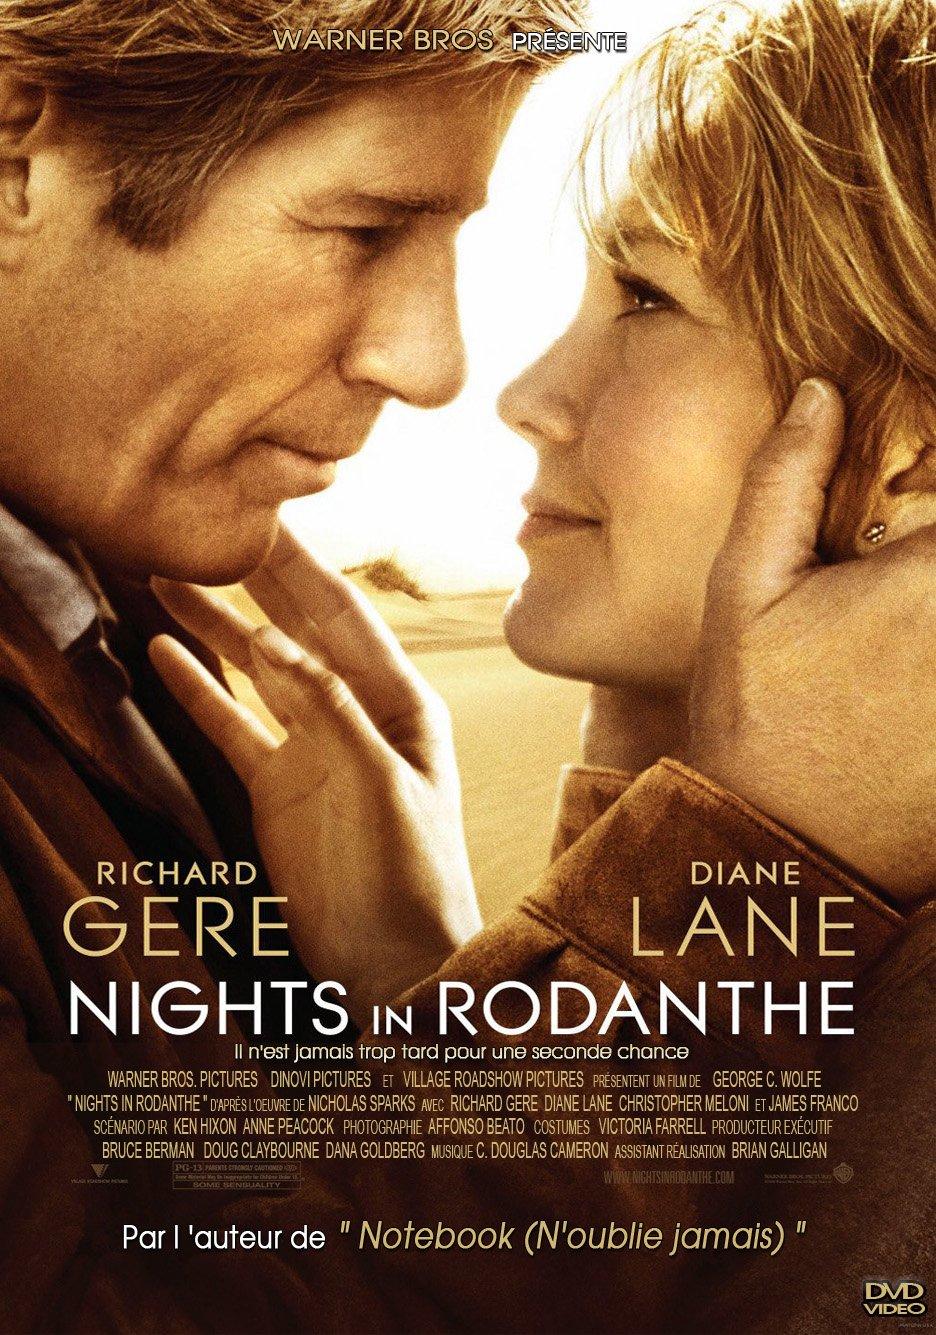 როდანტეს ღამეები / Nights in Rodanthe